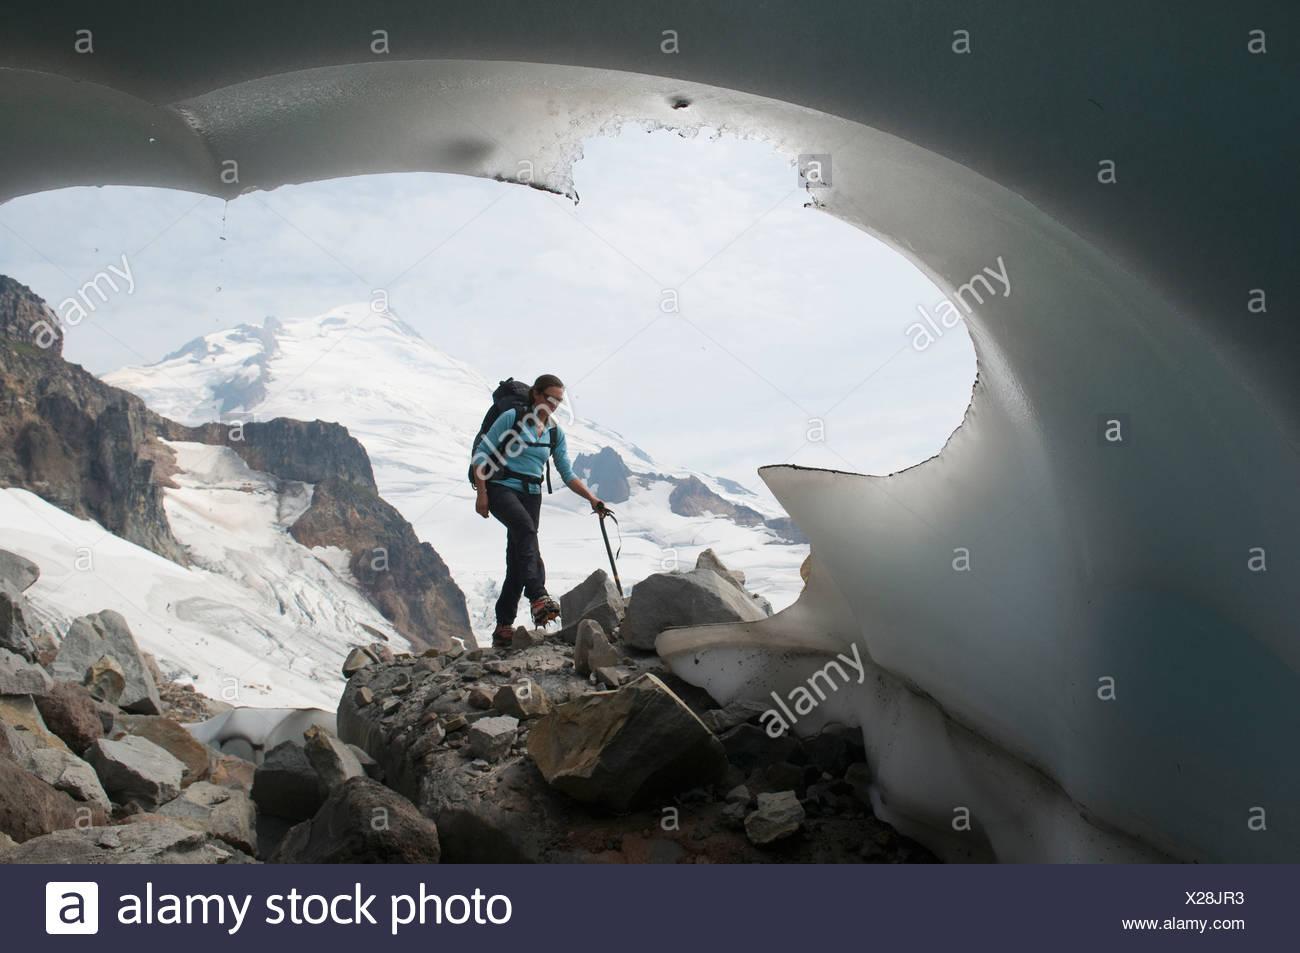 Une femme de l'alpinisme en passant un terminus glaciaire, Mount Baker Wilderness, Bellingham, Washington. Photo Stock